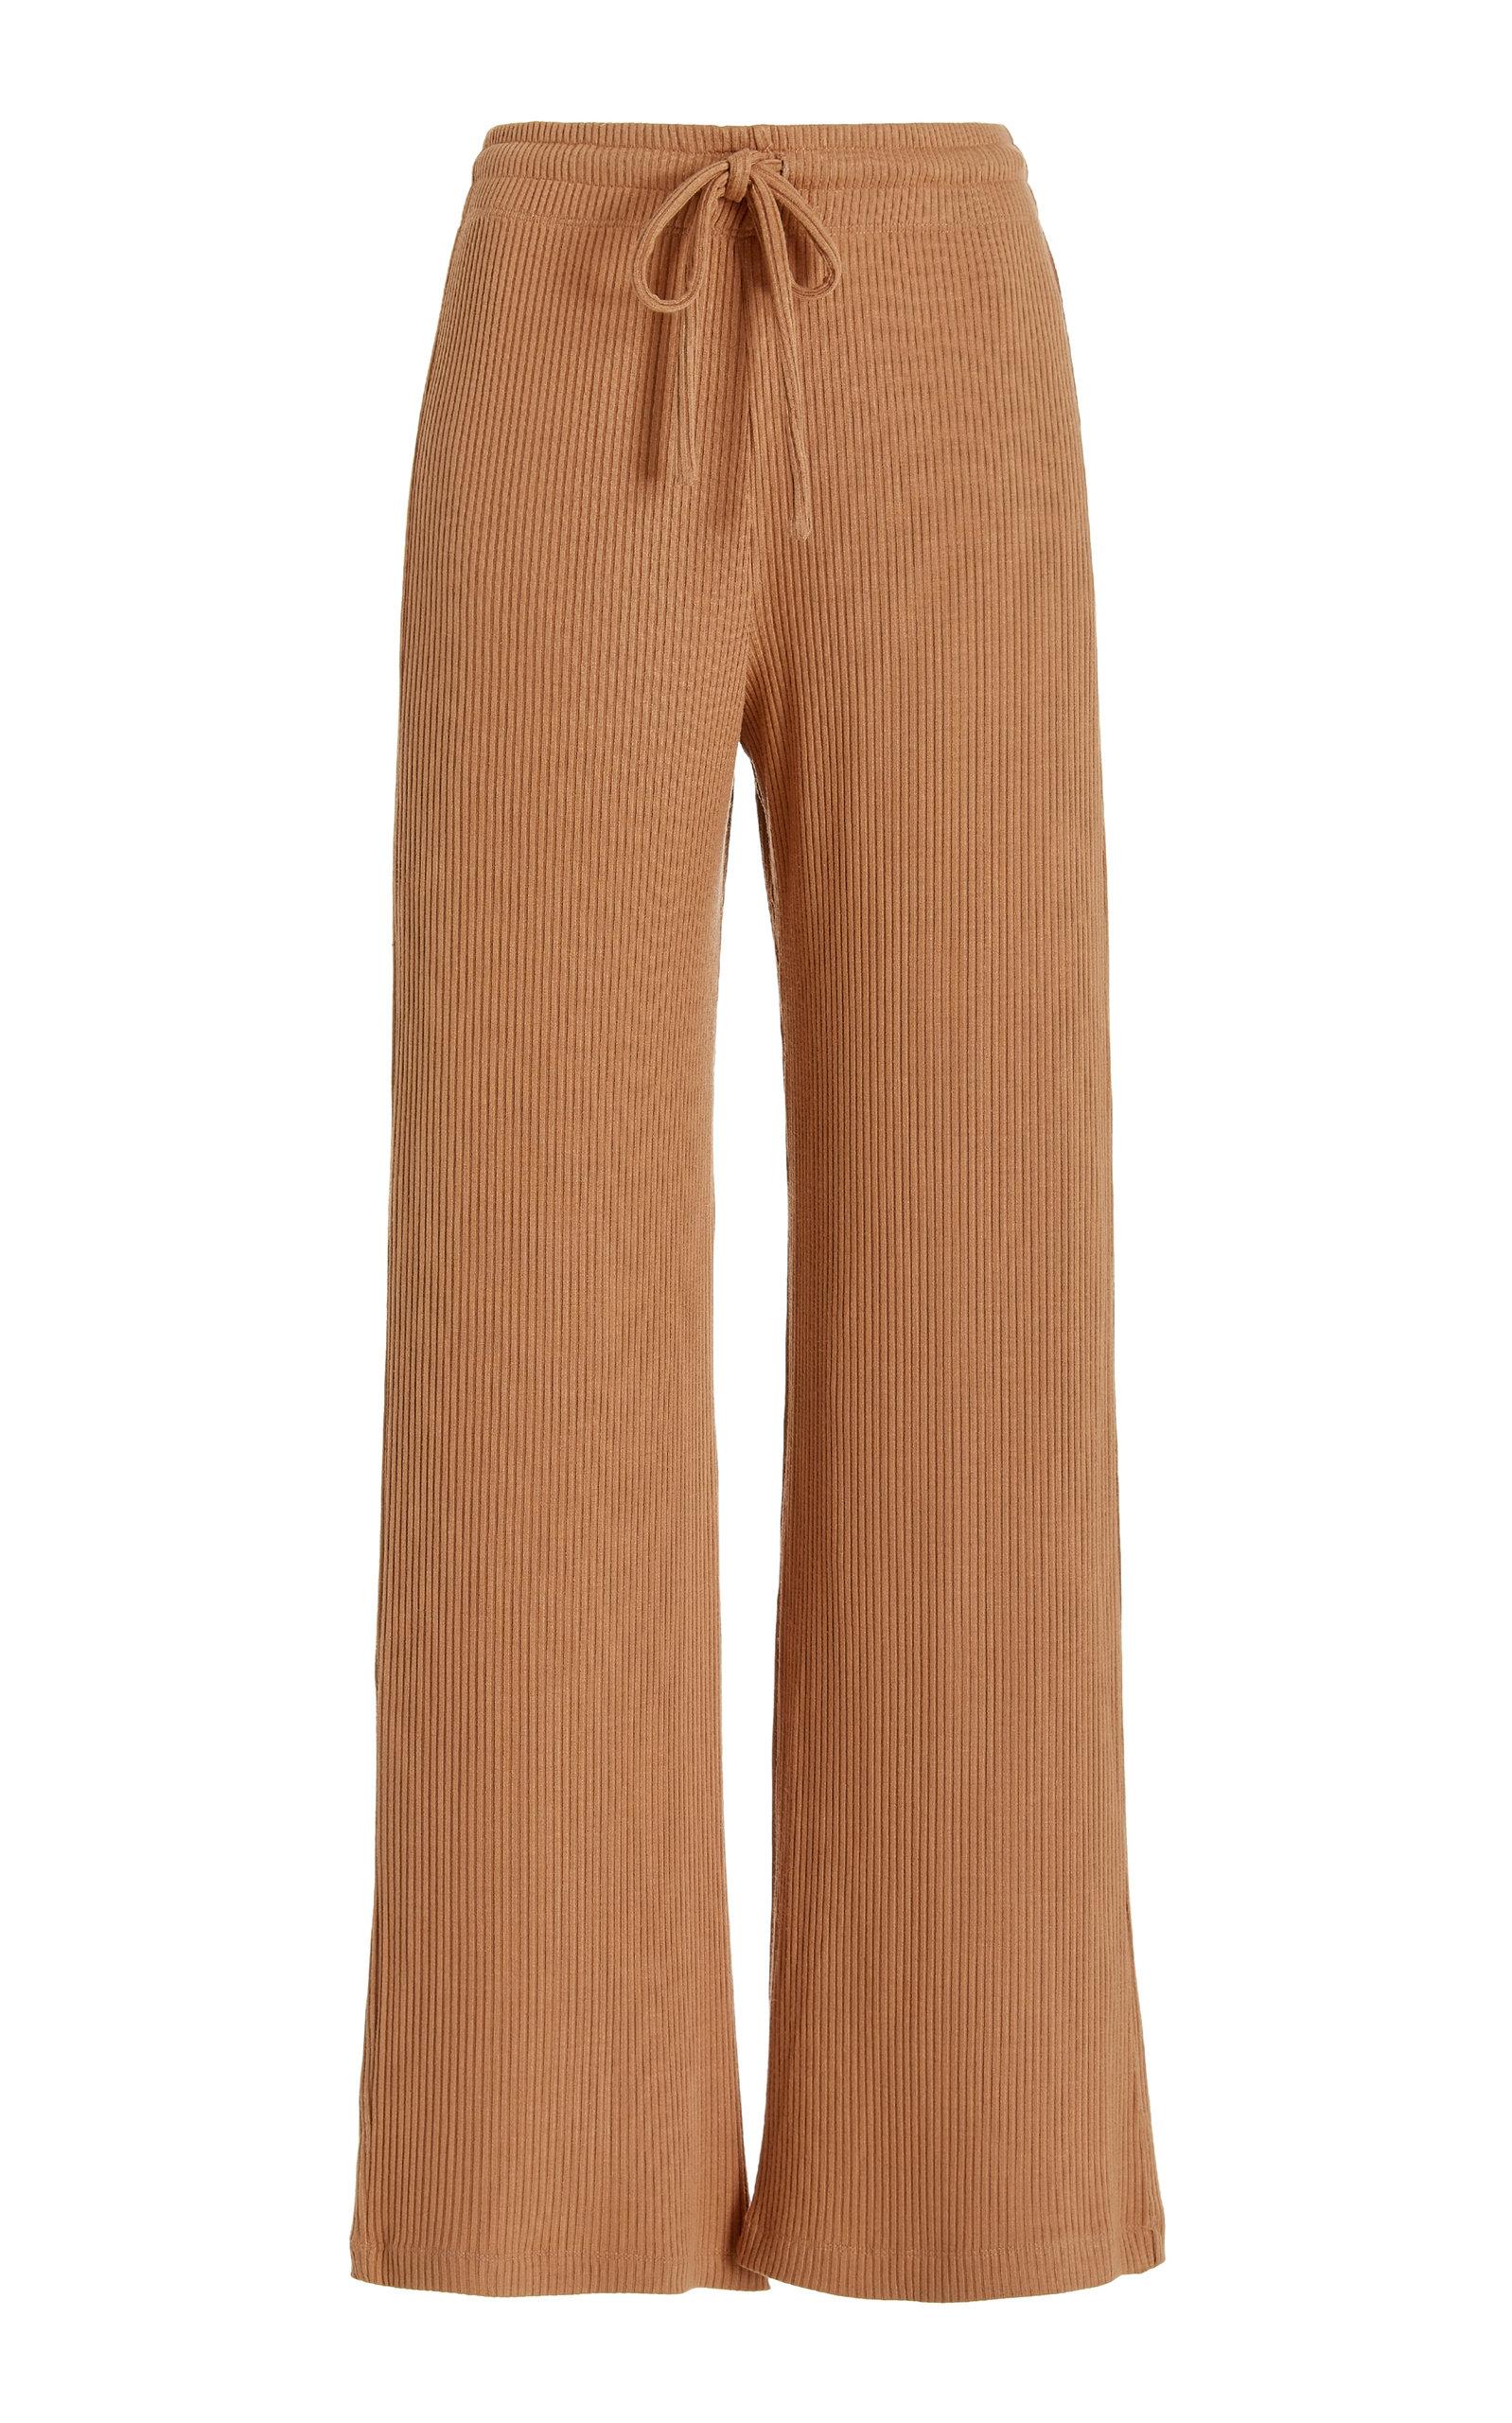 Women's Ali Drawstring Wide-Leg Ribbed Knit Pants